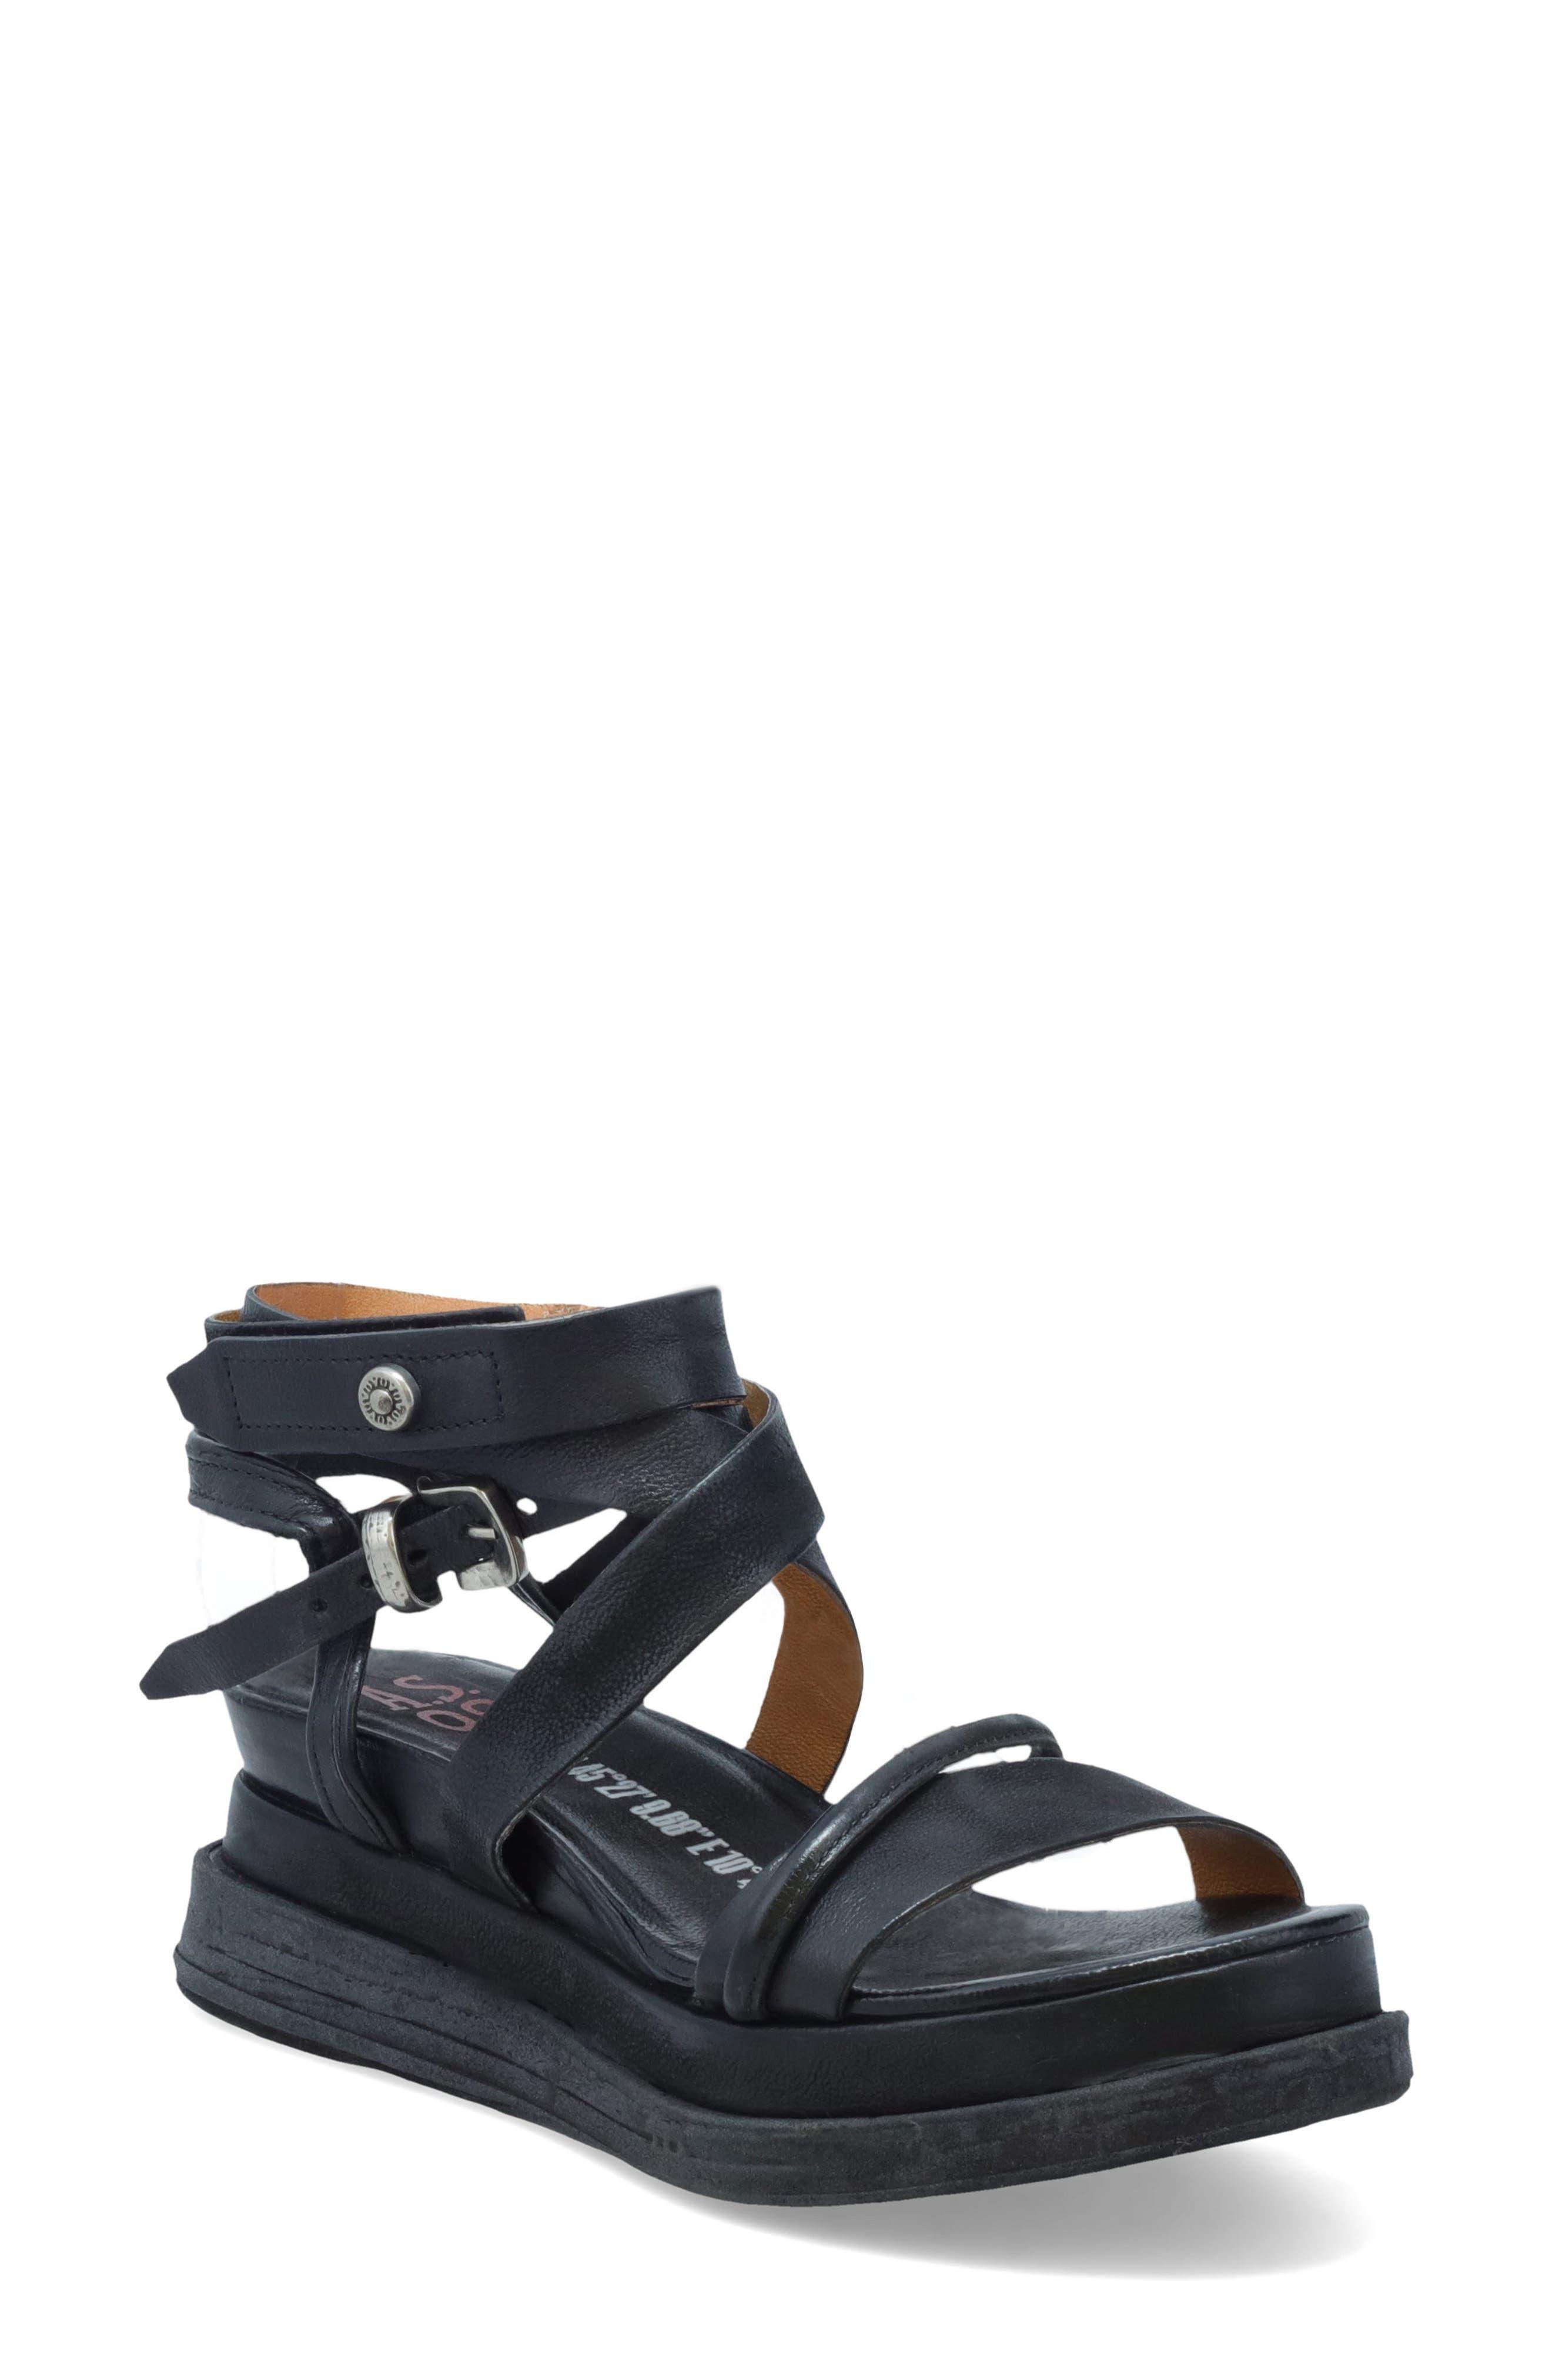 Women's A.s.98 Labo Platform Sandal